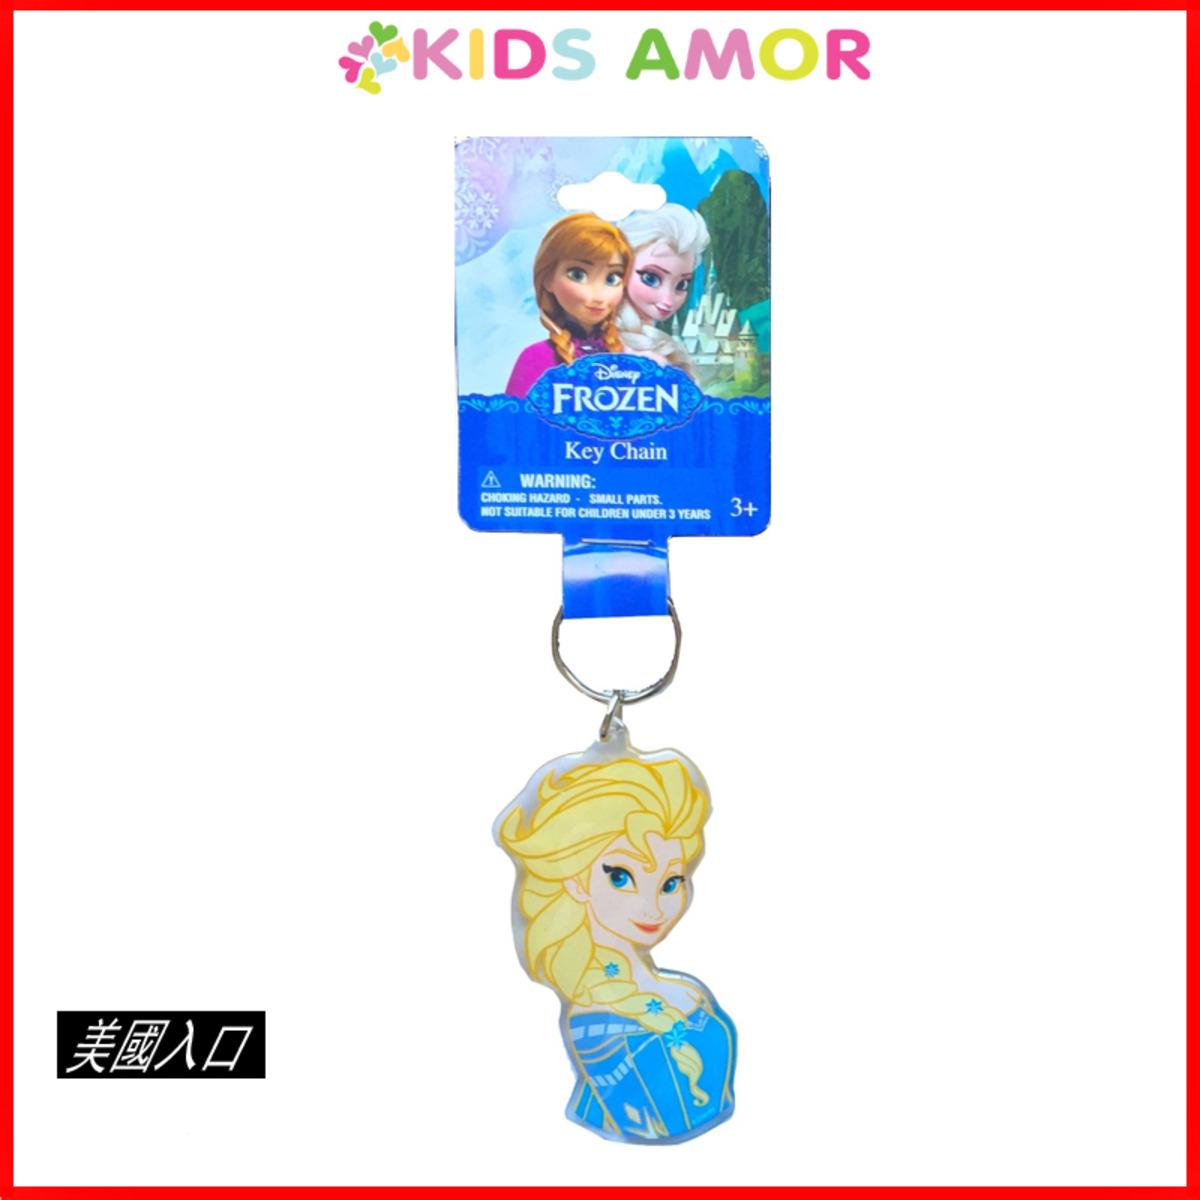 鎖匙扣/書包扣 - 迪士尼魔雪奇緣Elsa